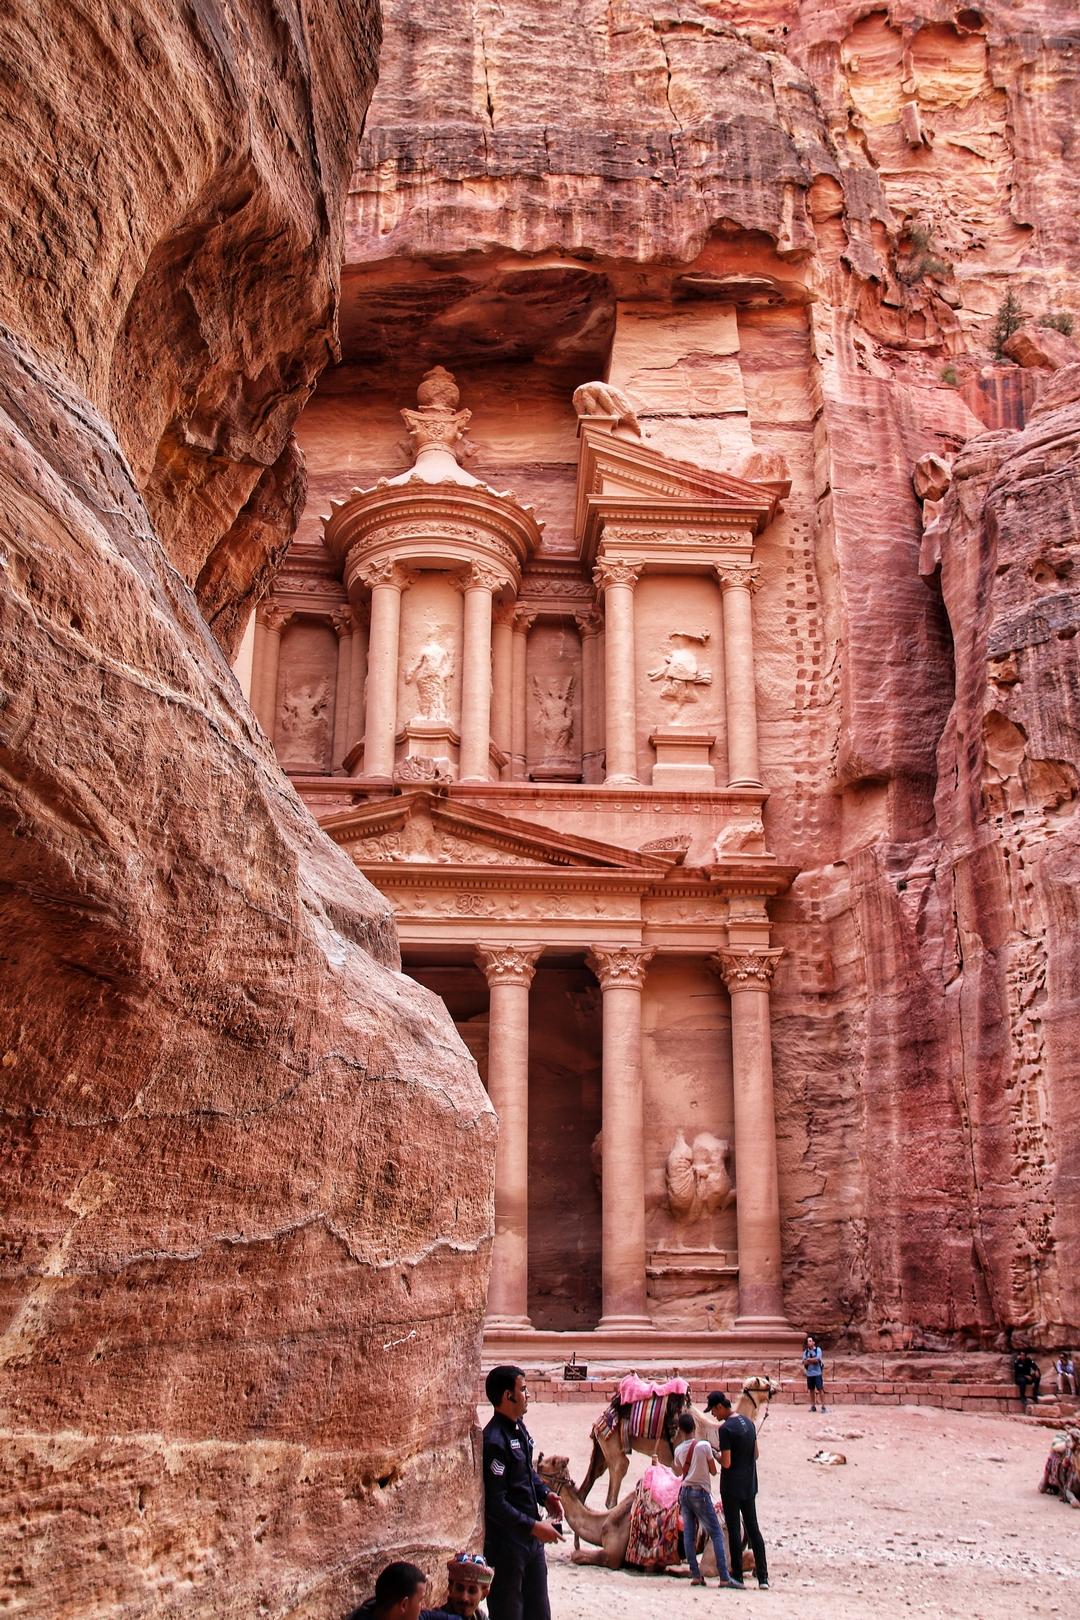 Jordanie - Le khazneh / trésor se dévoile depuis le Siq à Petra